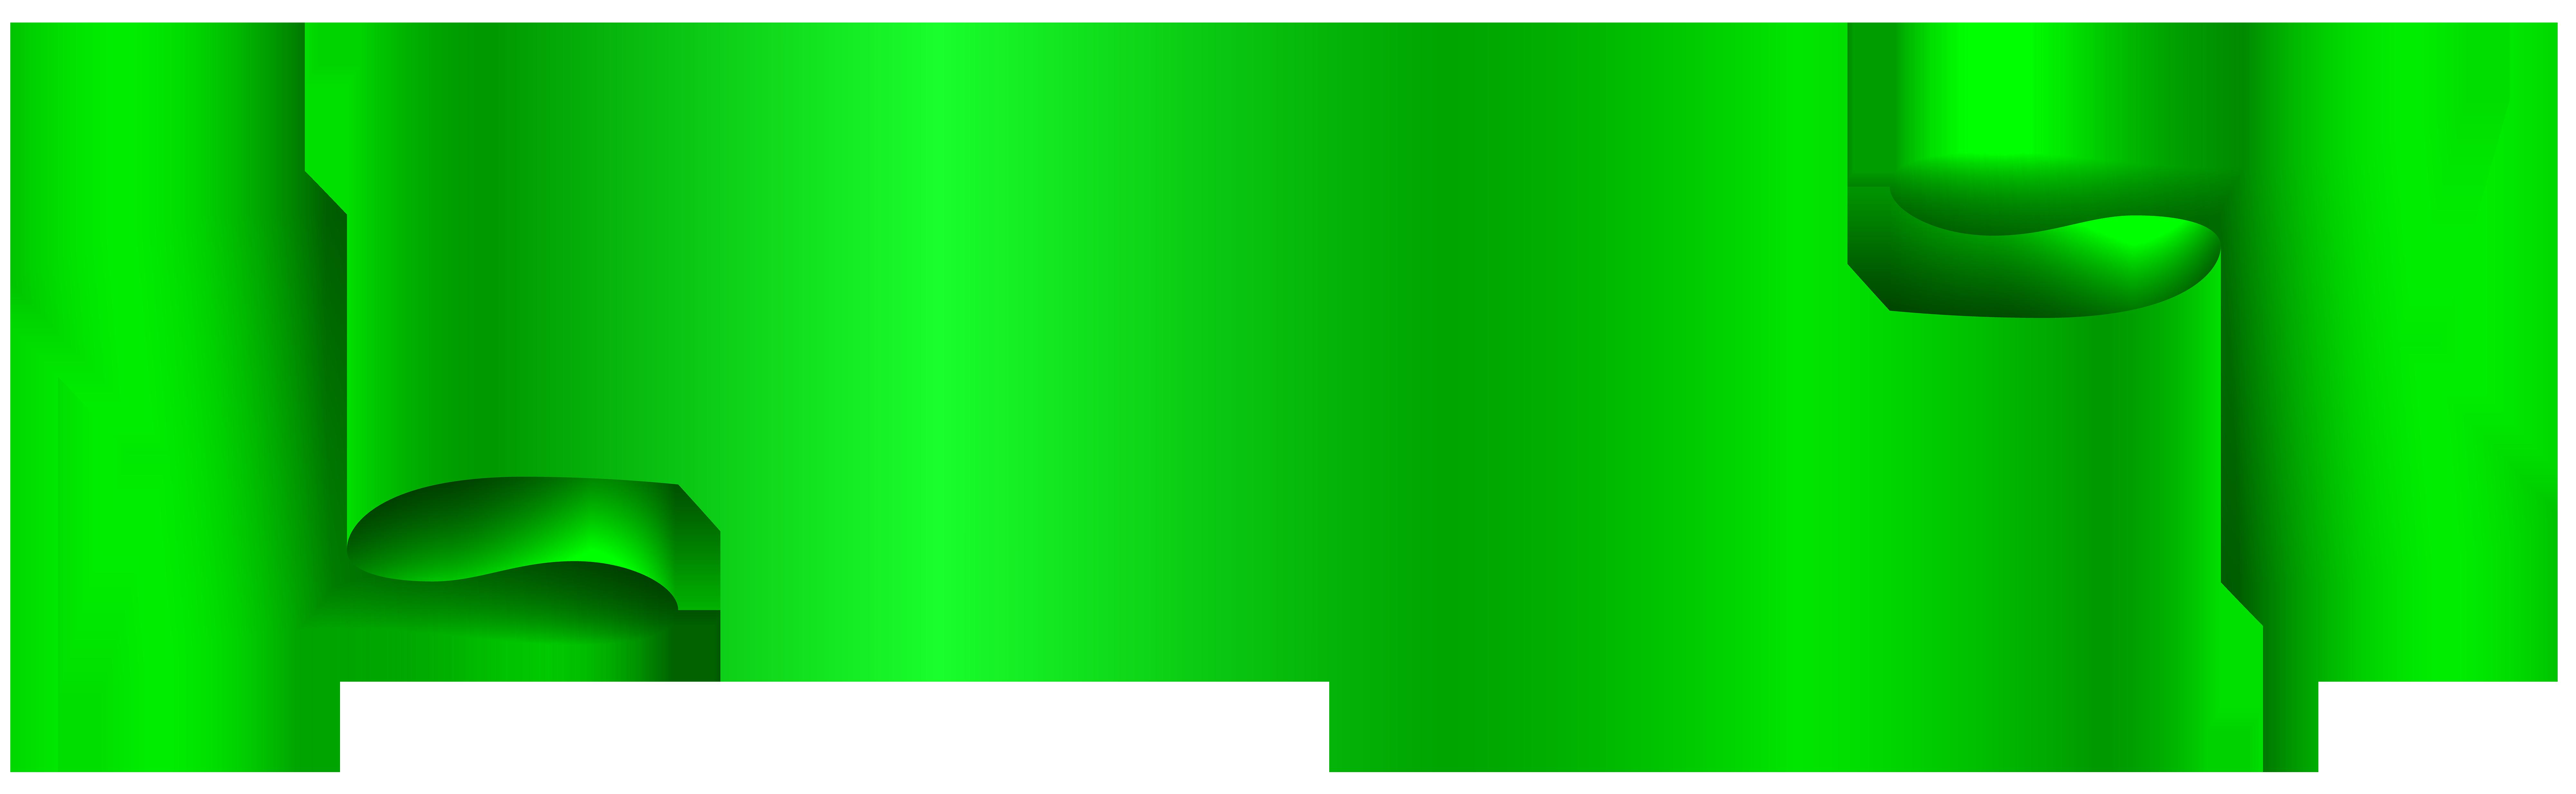 Banner Green Clip art.